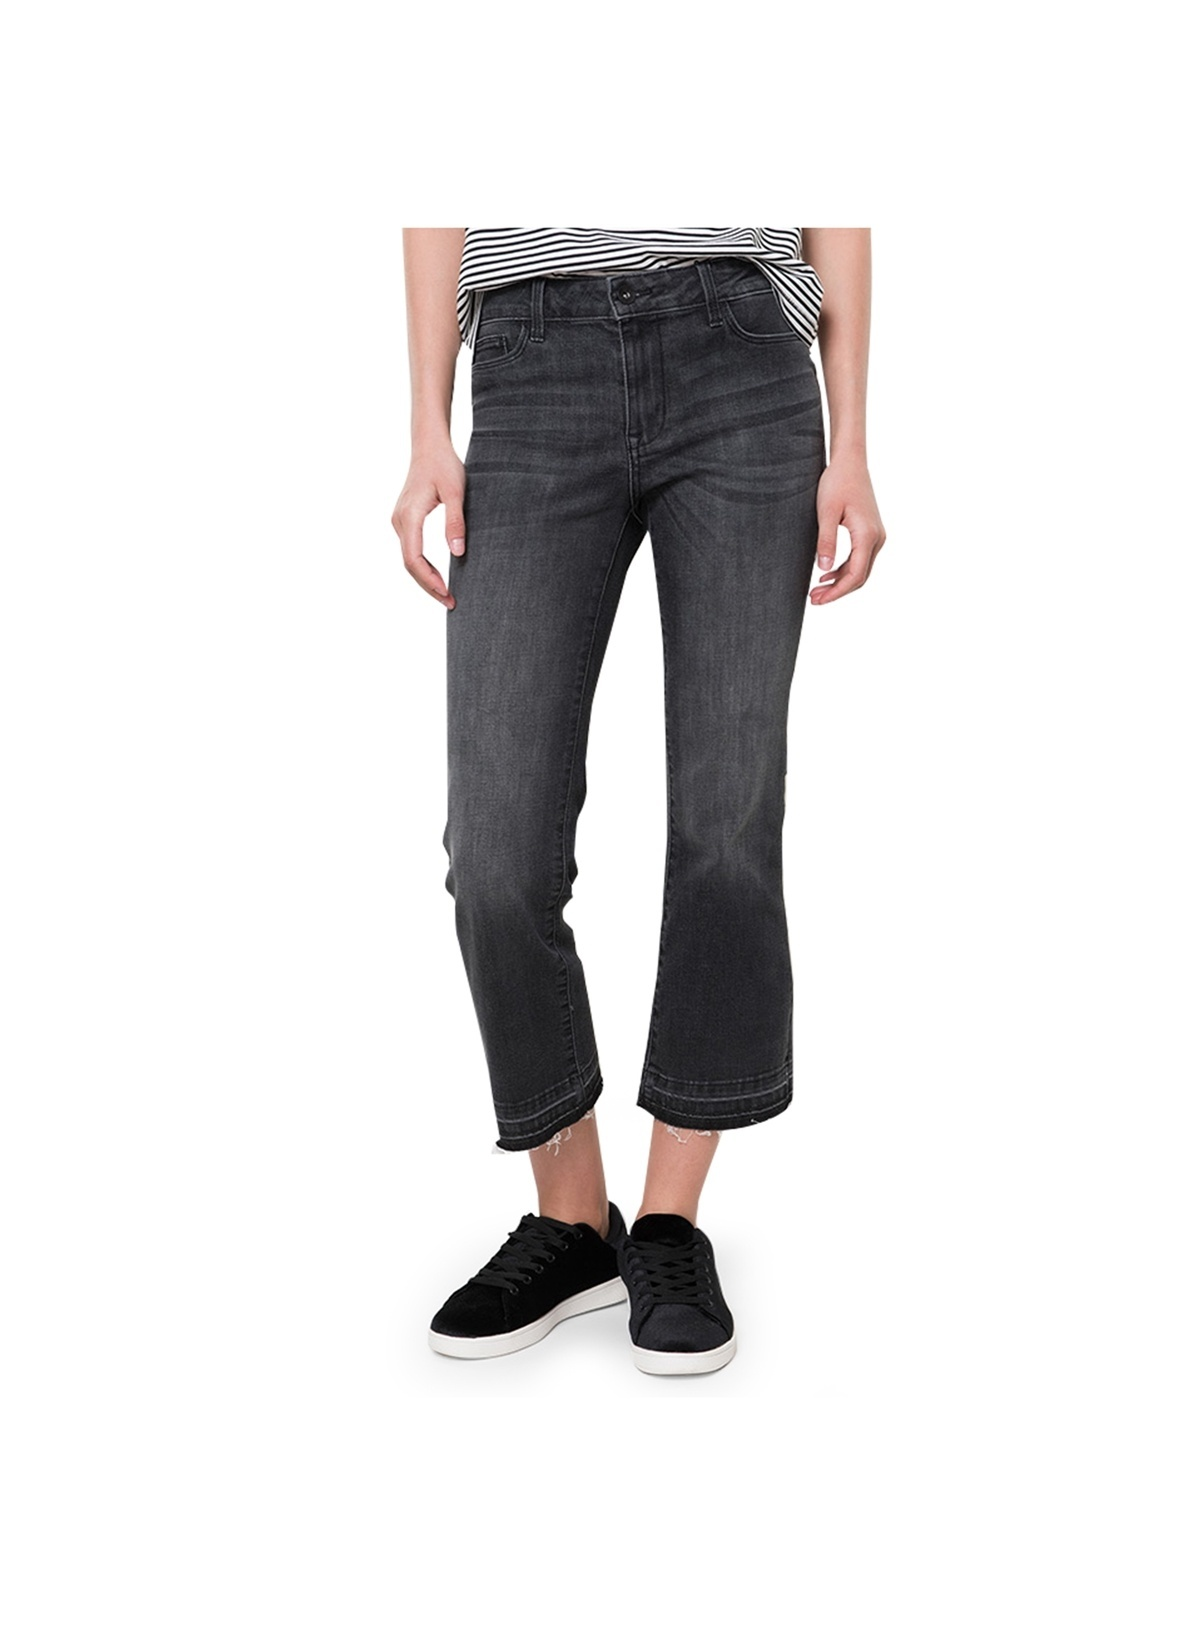 Vero Moda Jean Pantolon 10192689-vero-moda-jeans-kadın-kot-panto – 119.99 TL